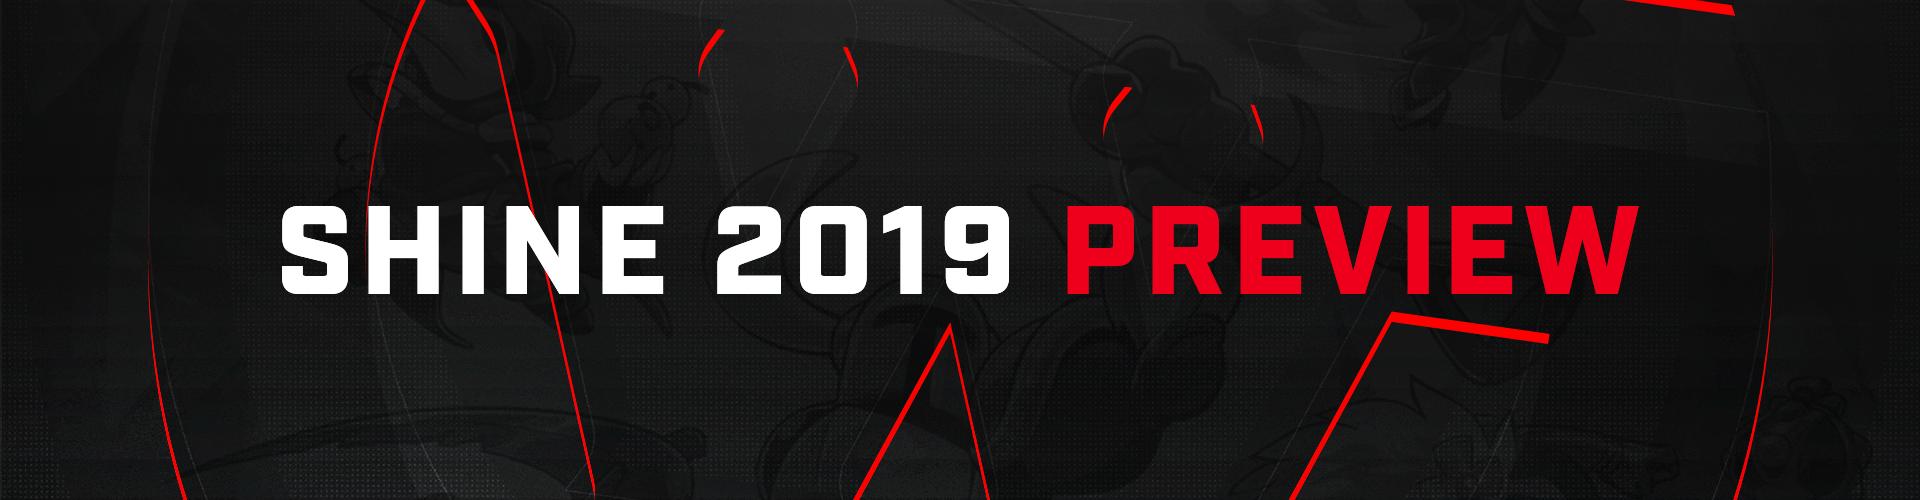 Preview : Shine 2019